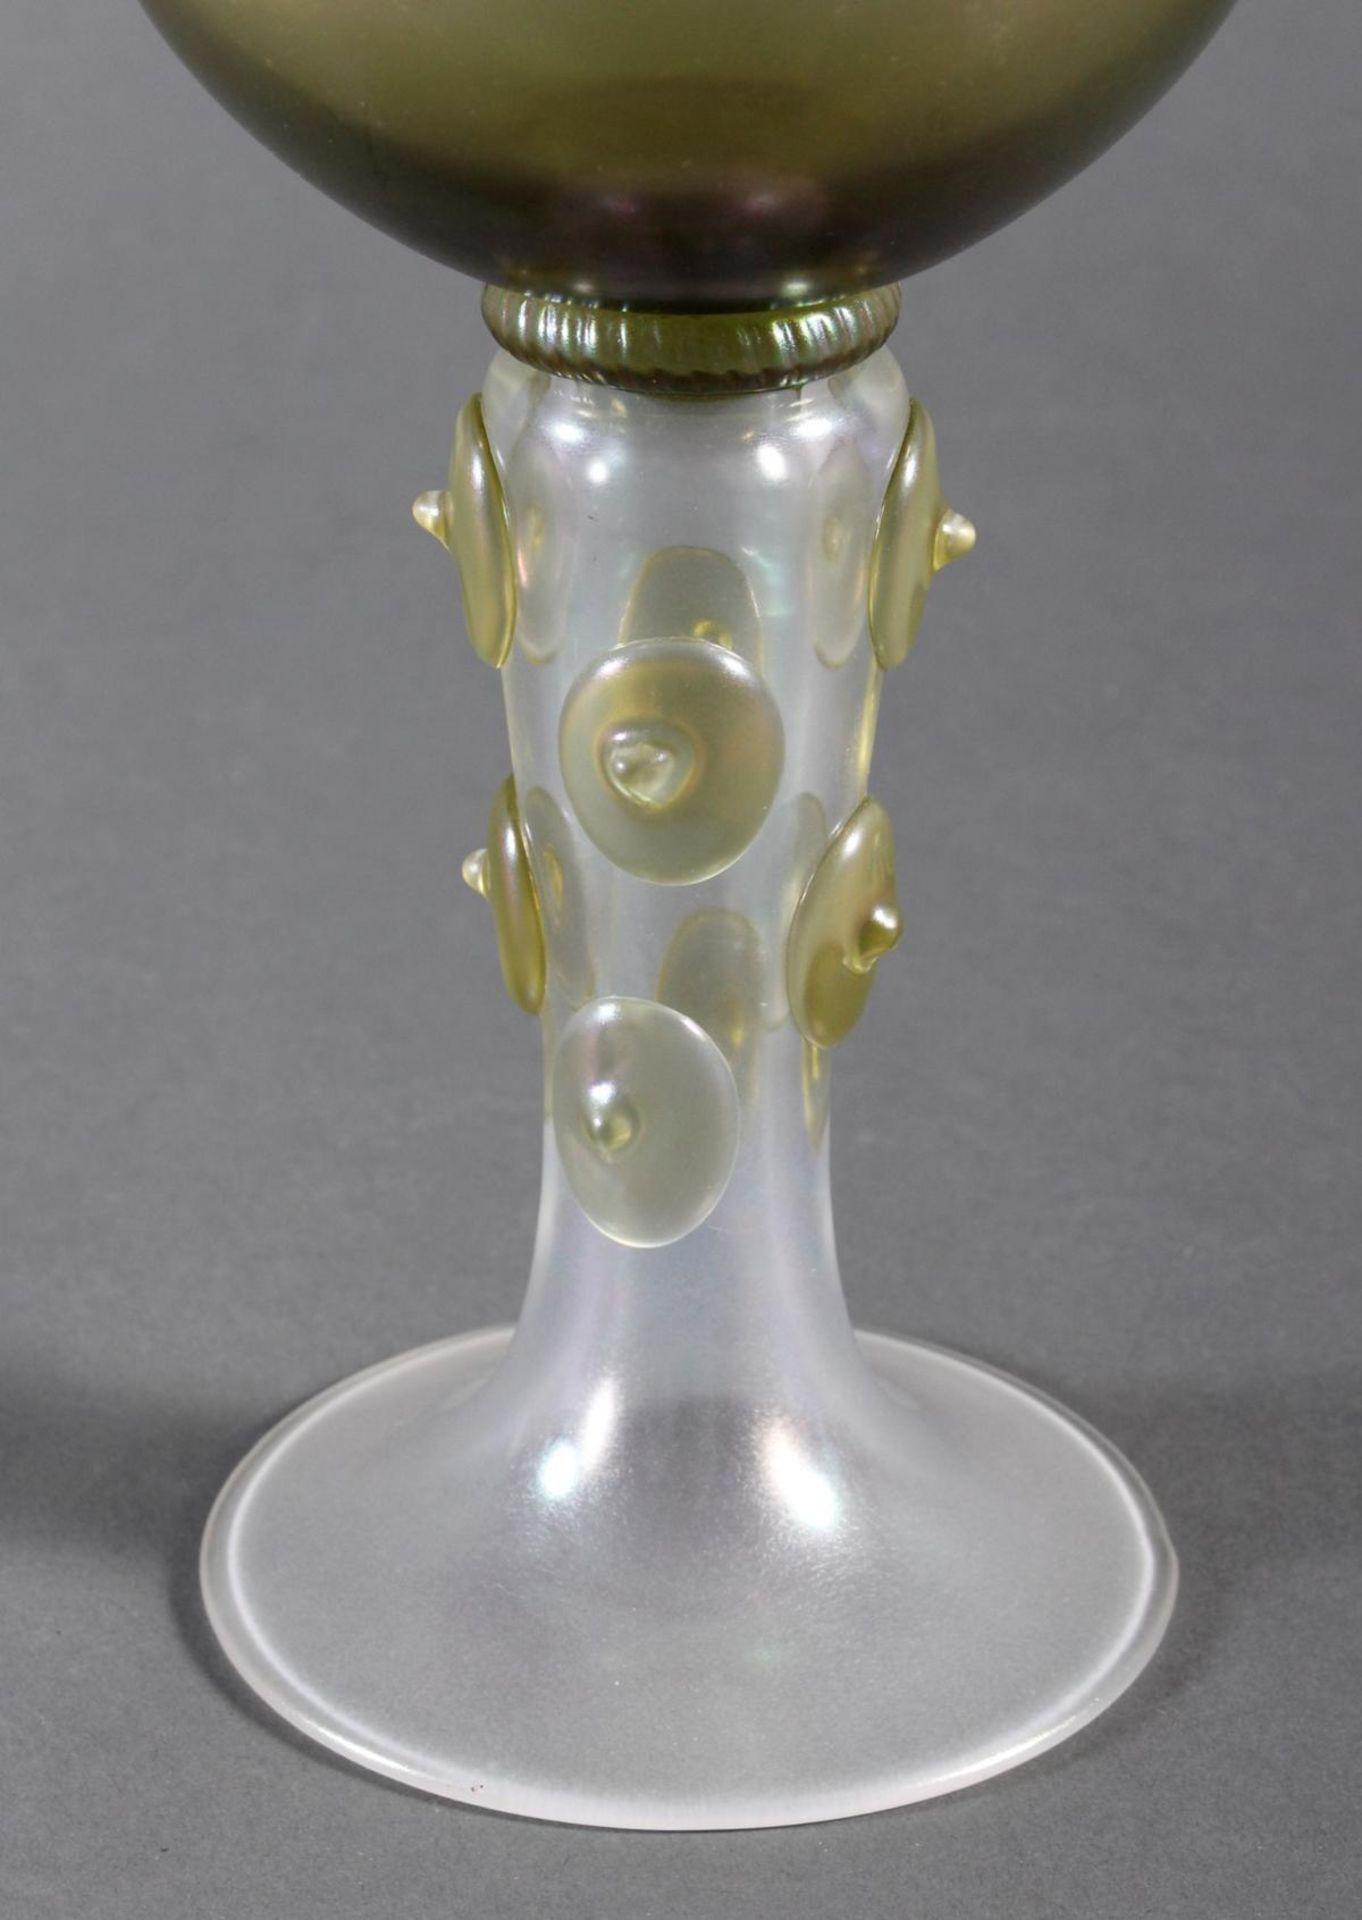 Glaspokal, wohl Böhmen um 1920 - Bild 2 aus 6